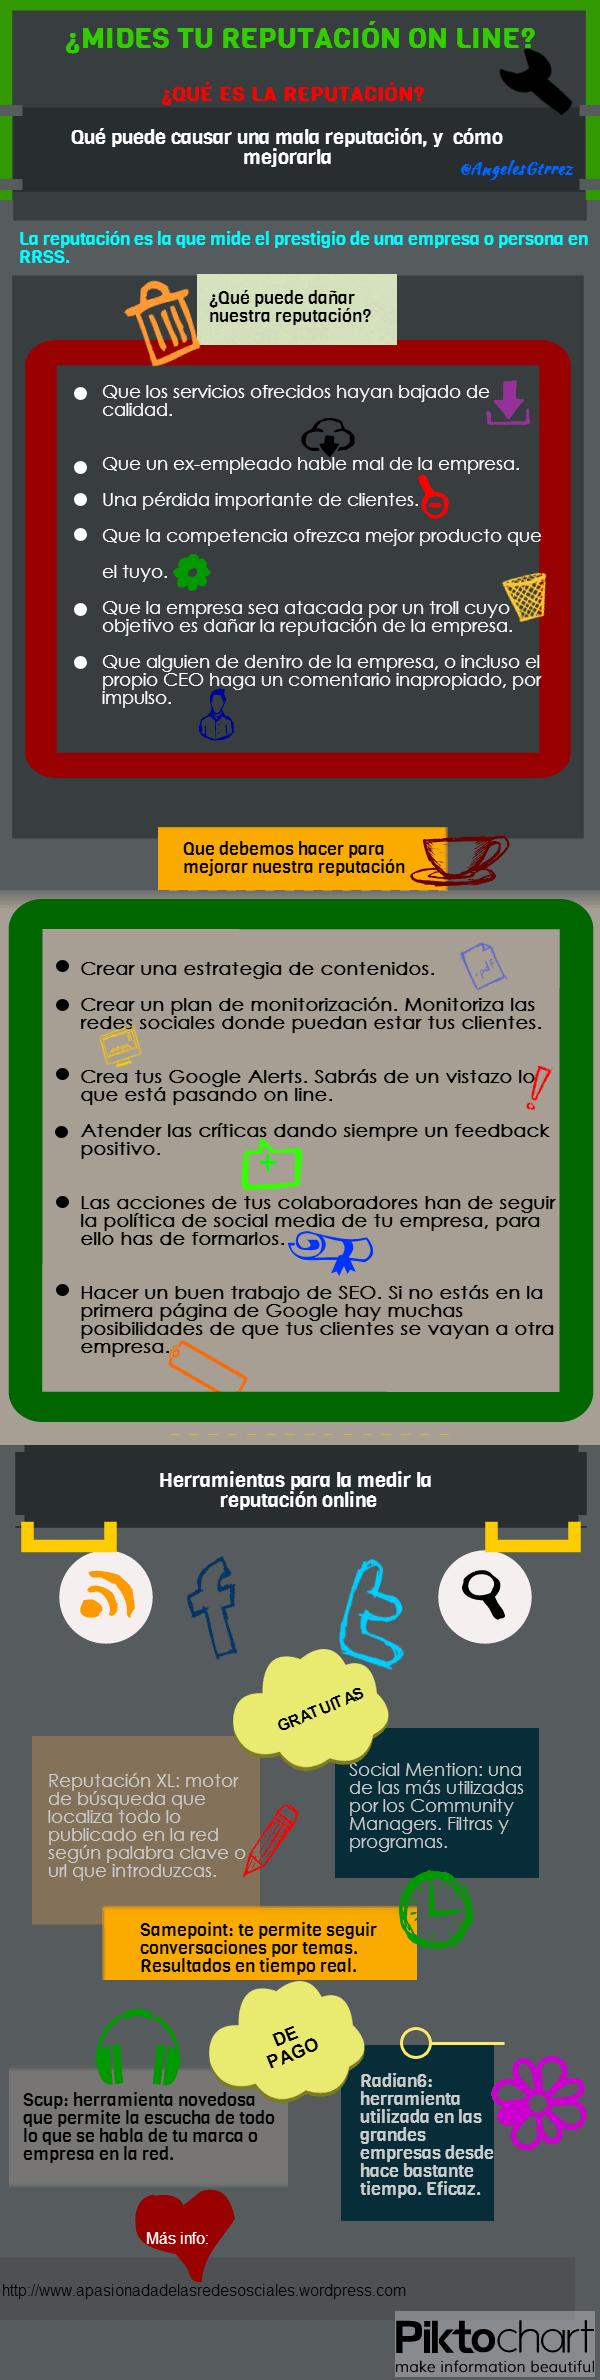 la-medicic3b3n-de-la-reputacion-online